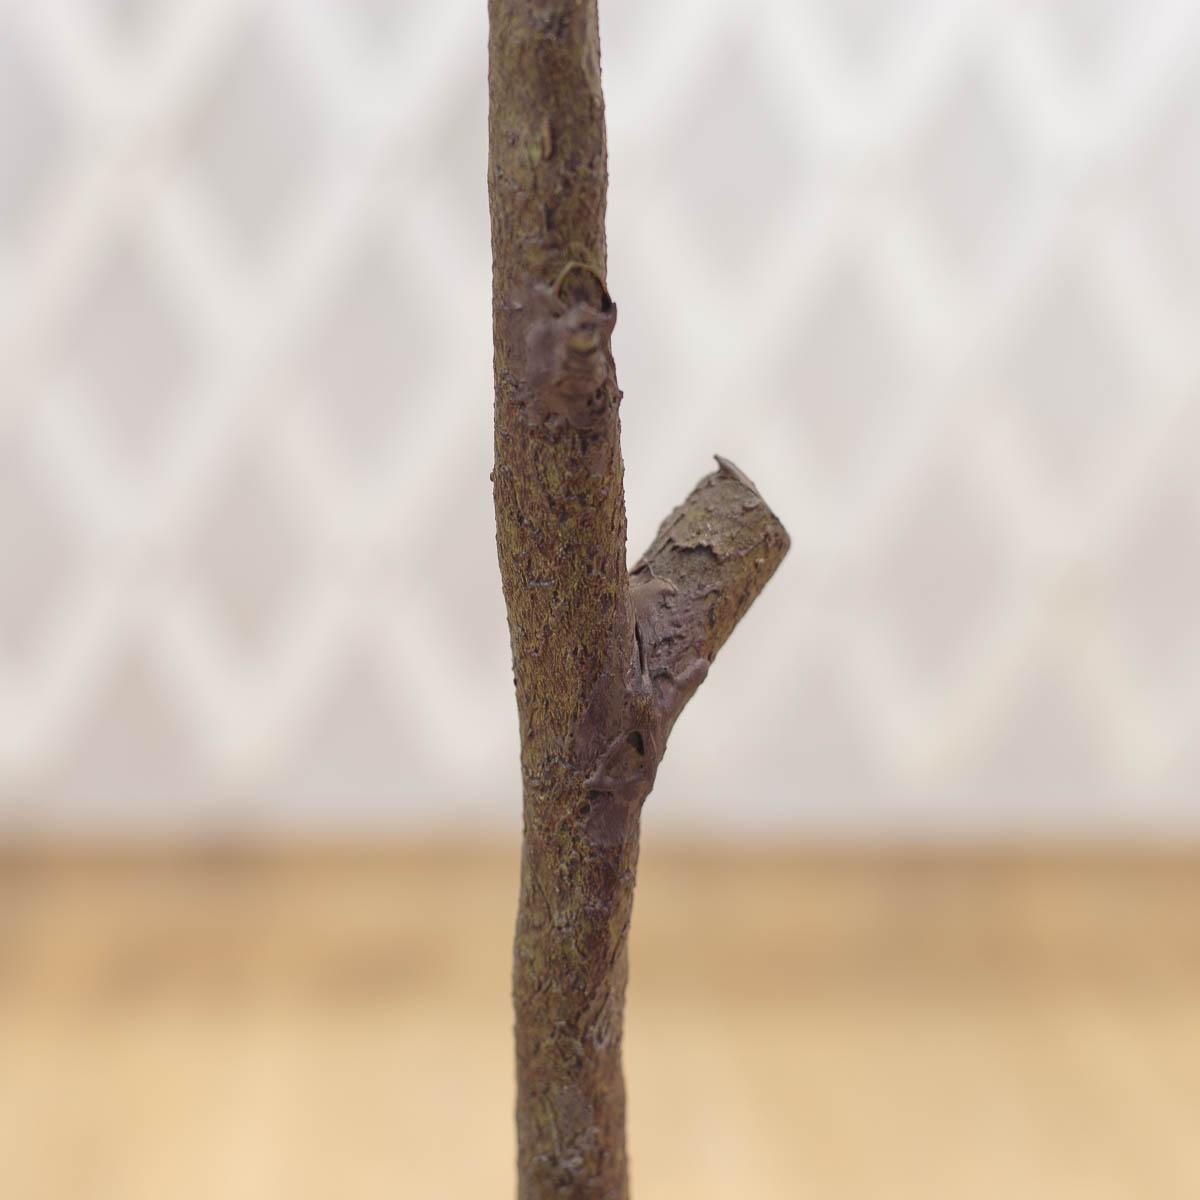 마르샤장미 조화나무 인조화분 레터링 원형 플라워포트 줄기 디테일